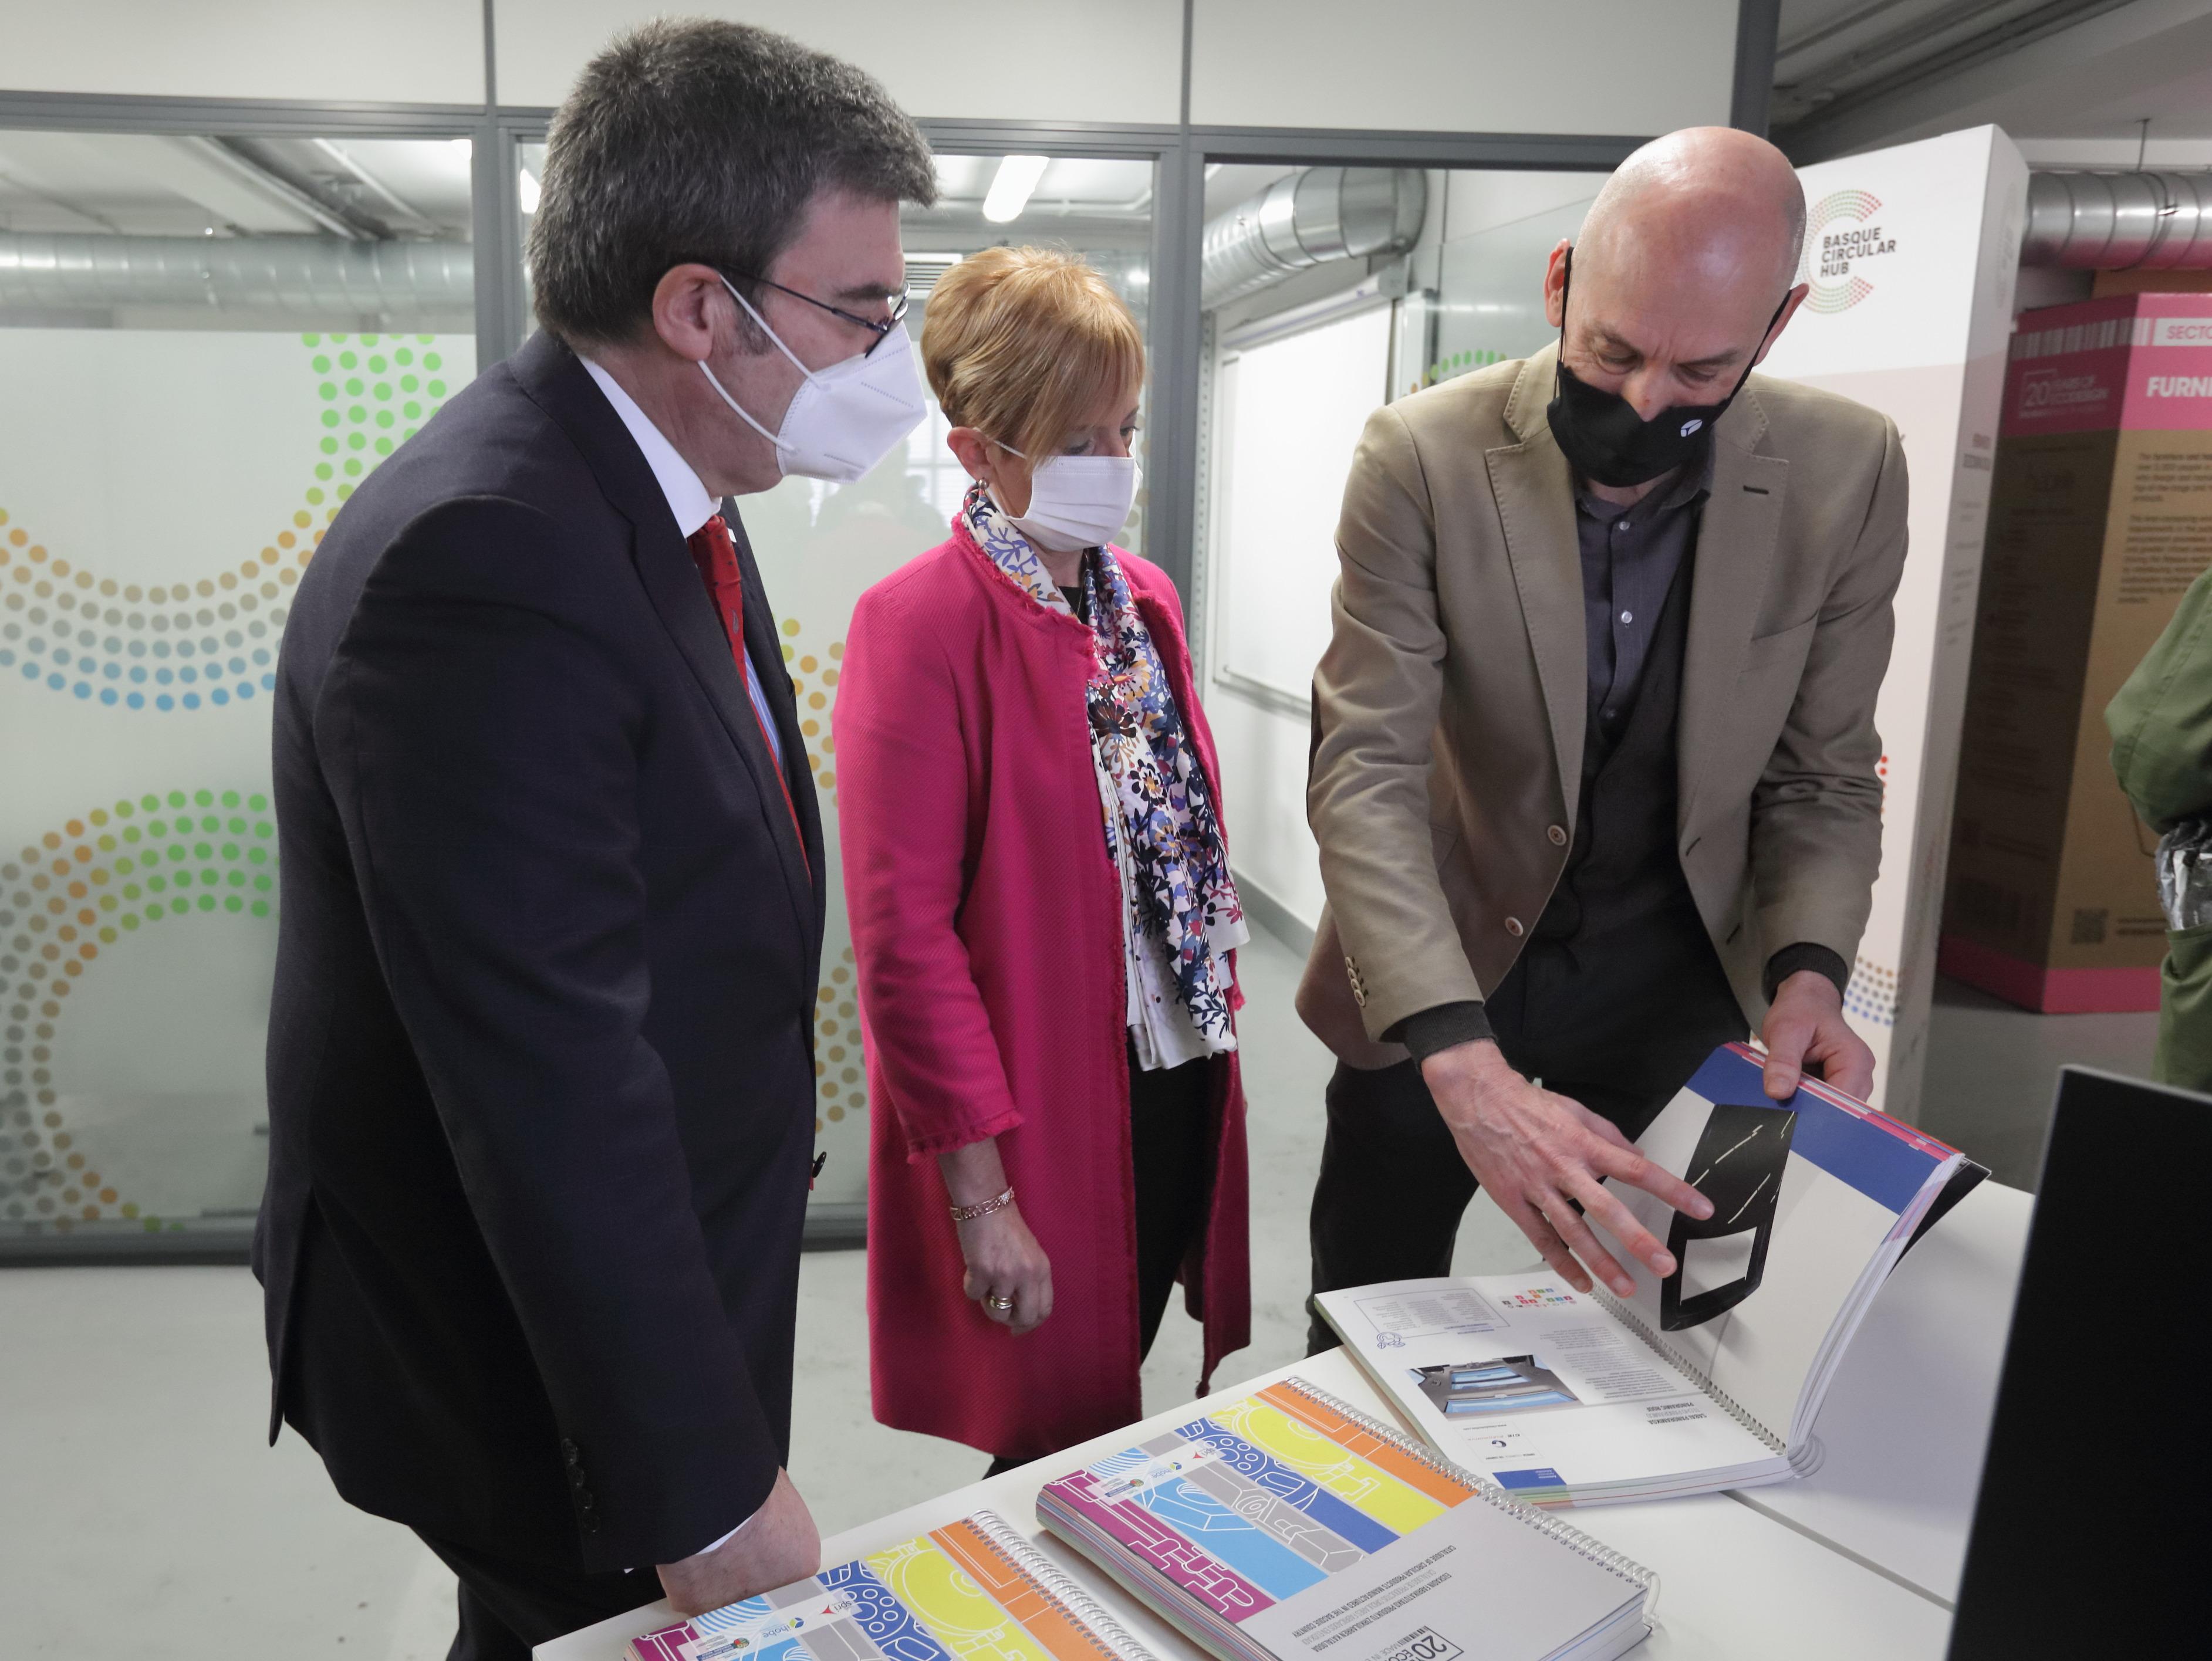 El Gobierno Vasco y el Ayuntamiento de Bilbao crean el primer centro de servicios avanzados de economía circular del Sur de Europa  [18:25]